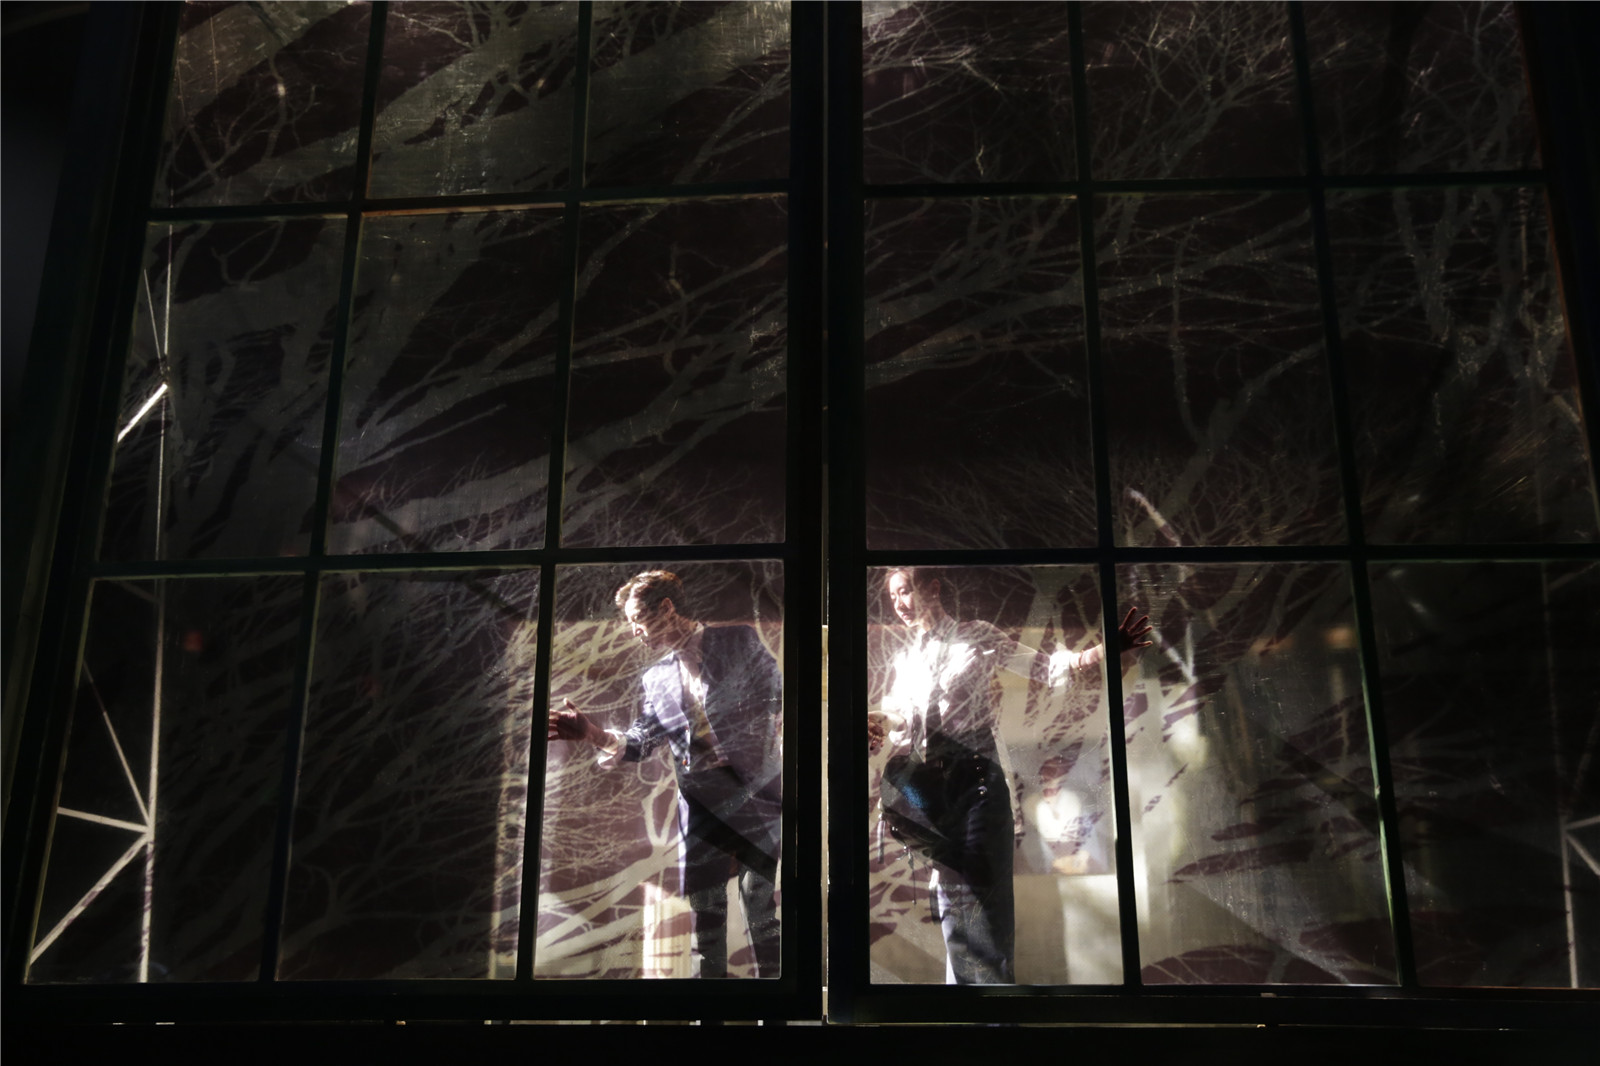 赖声川舞台剧《水中之书》制作成戏剧影像,何炅主演10月上映